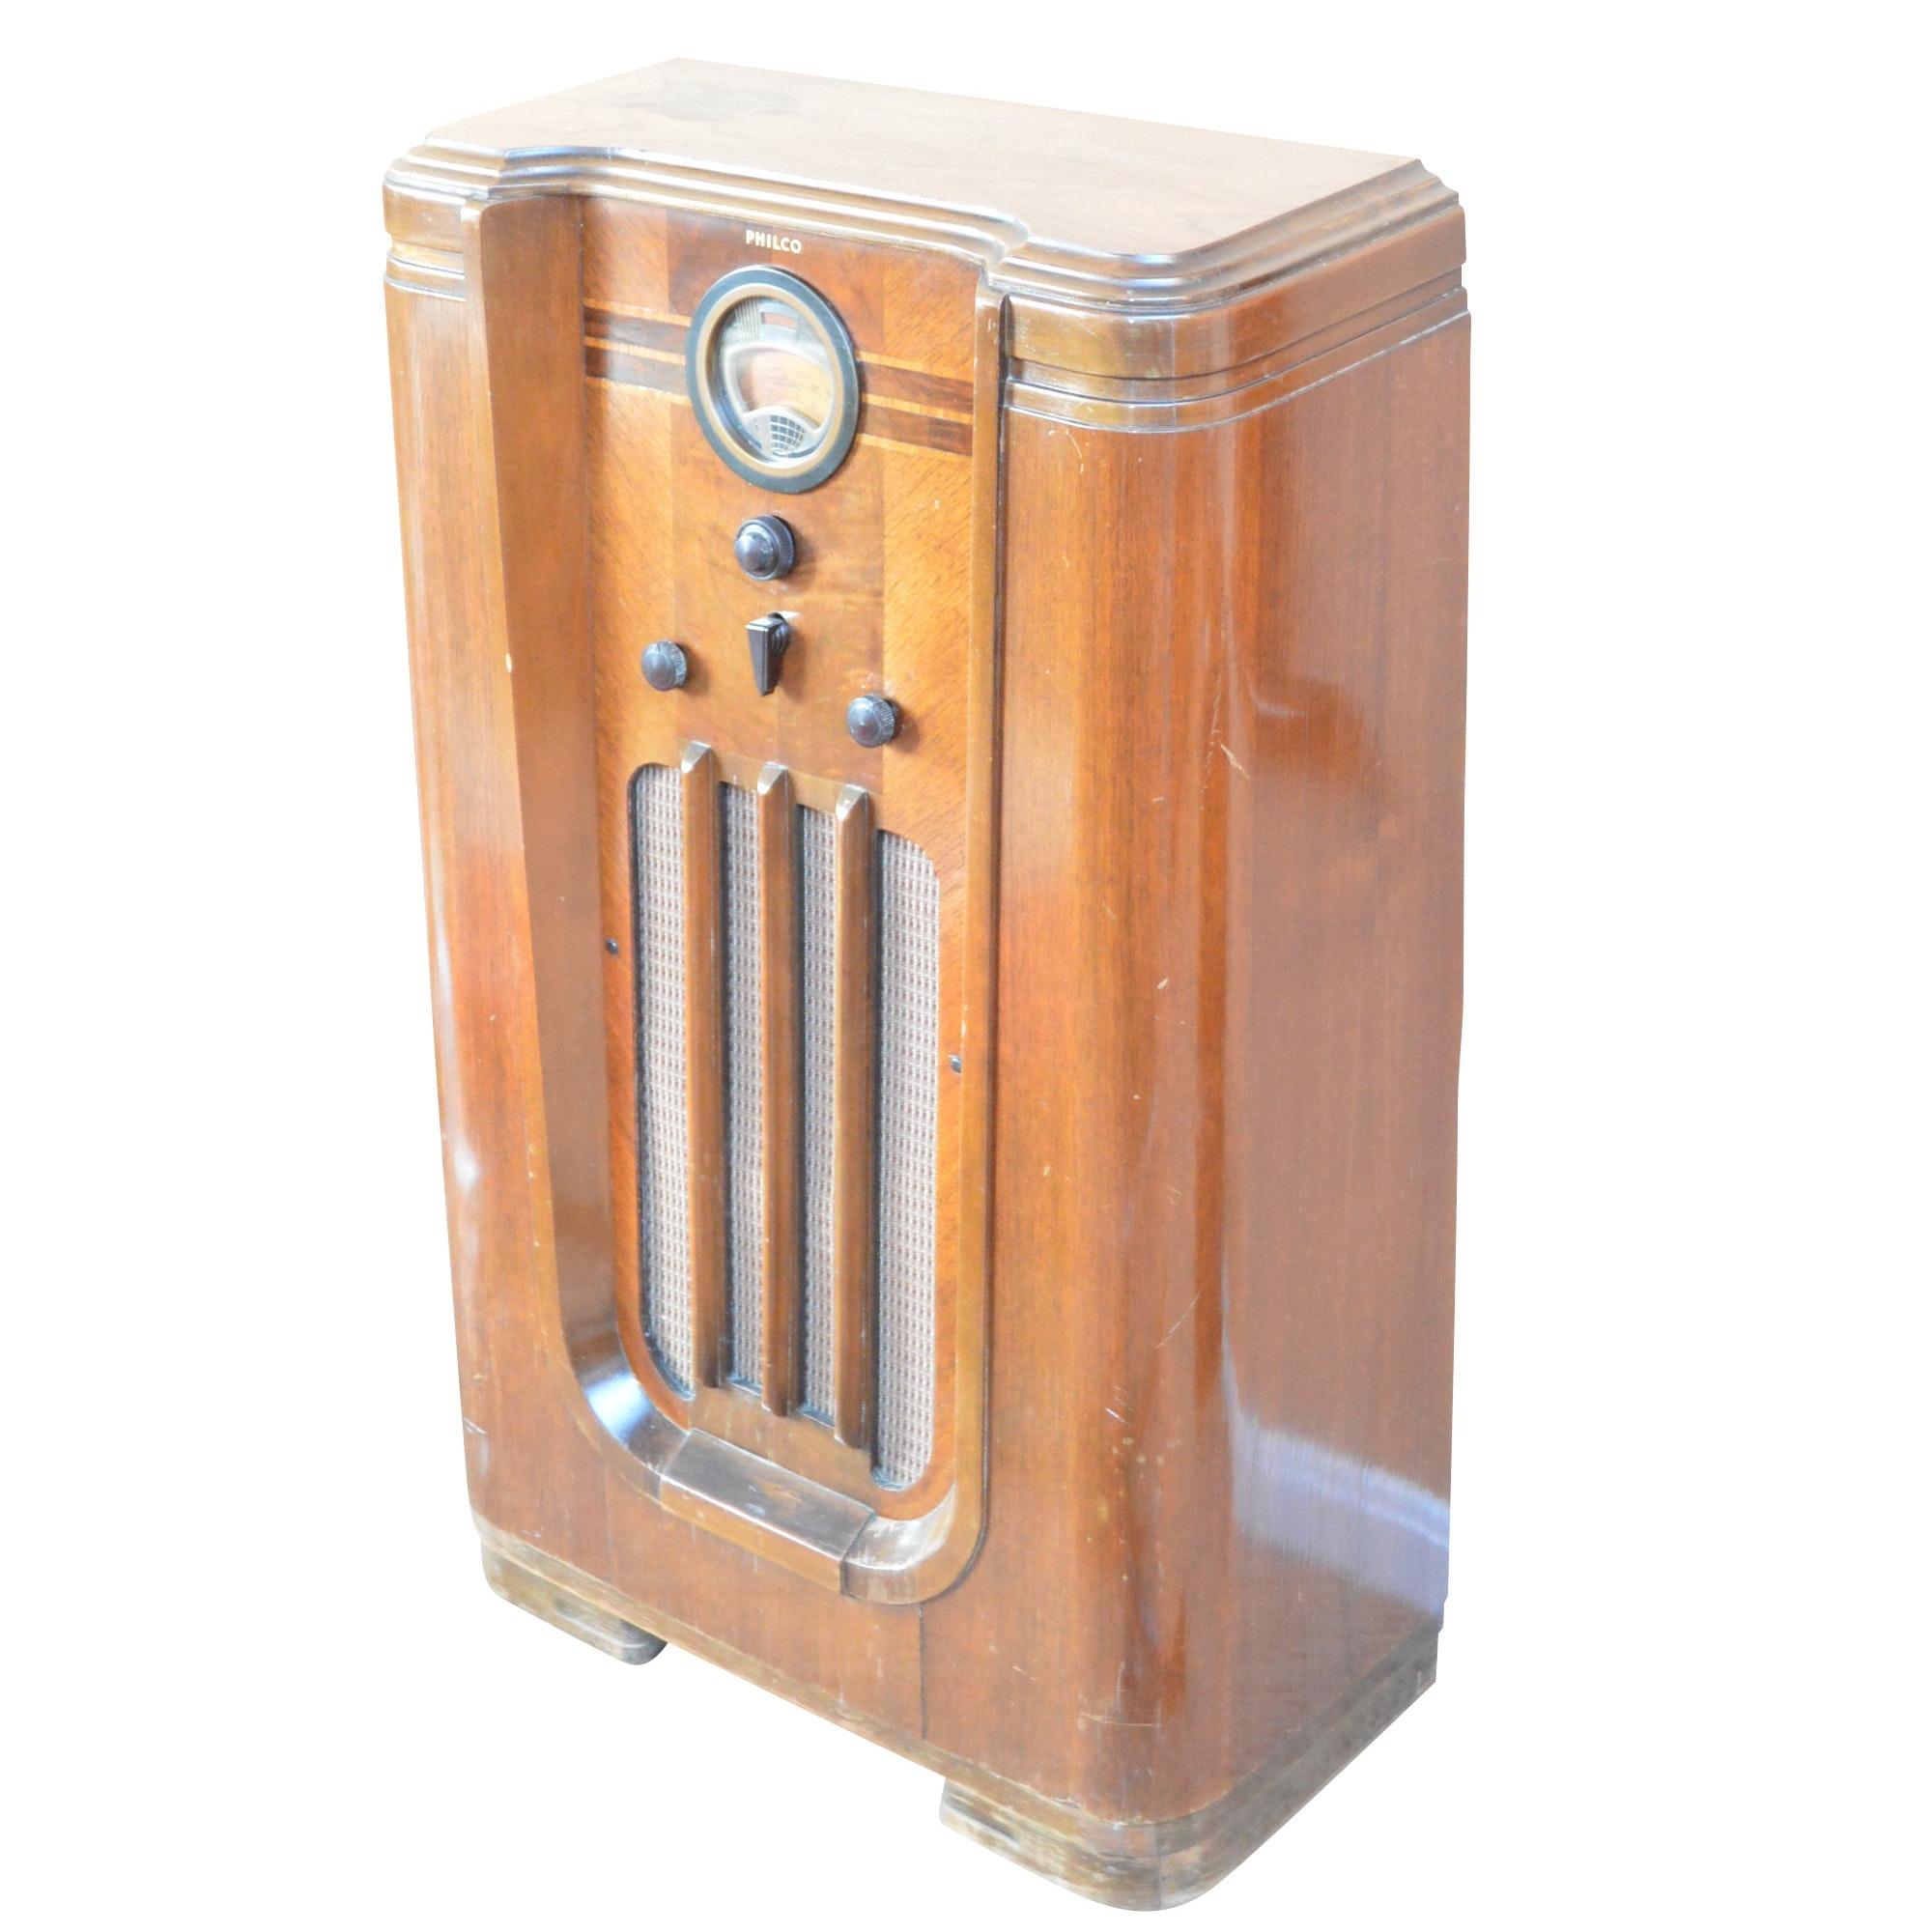 1930s Philco Model 37-630 Floor Radio